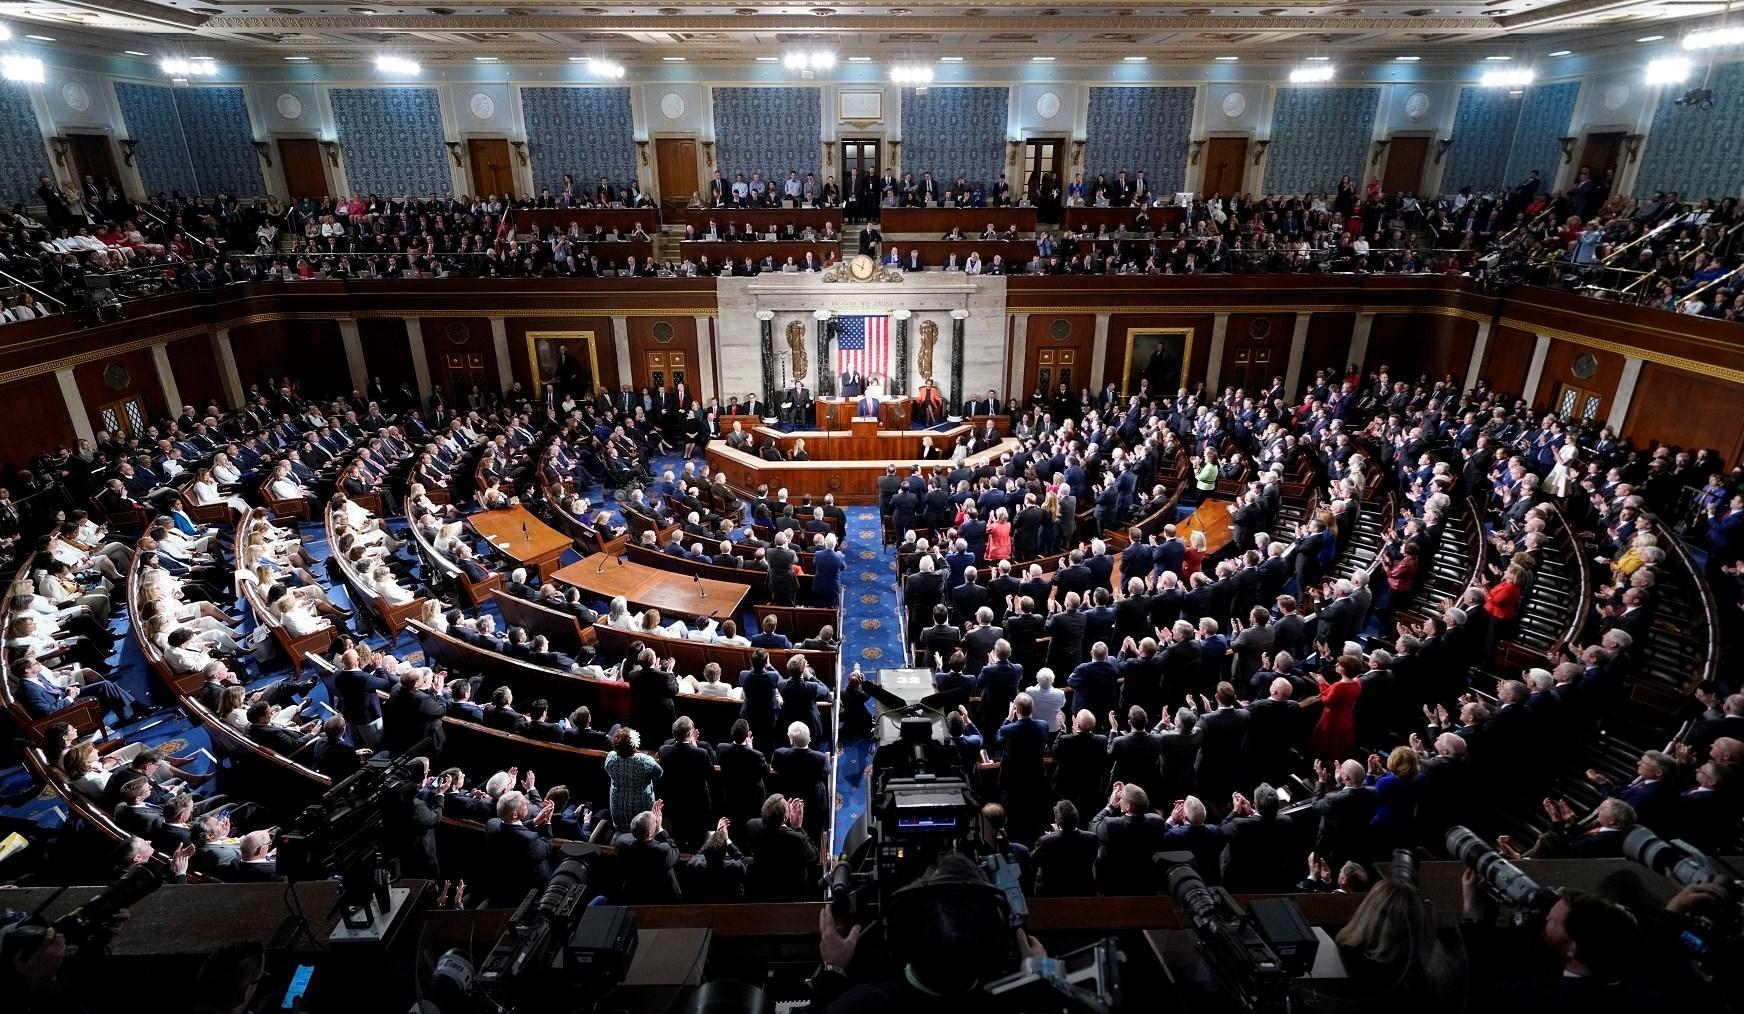 أميركا: محاولة فاشلة للجمهوريين لإيقاف محاكمة ترامب تحظى بتأييد 45 سناتوراً